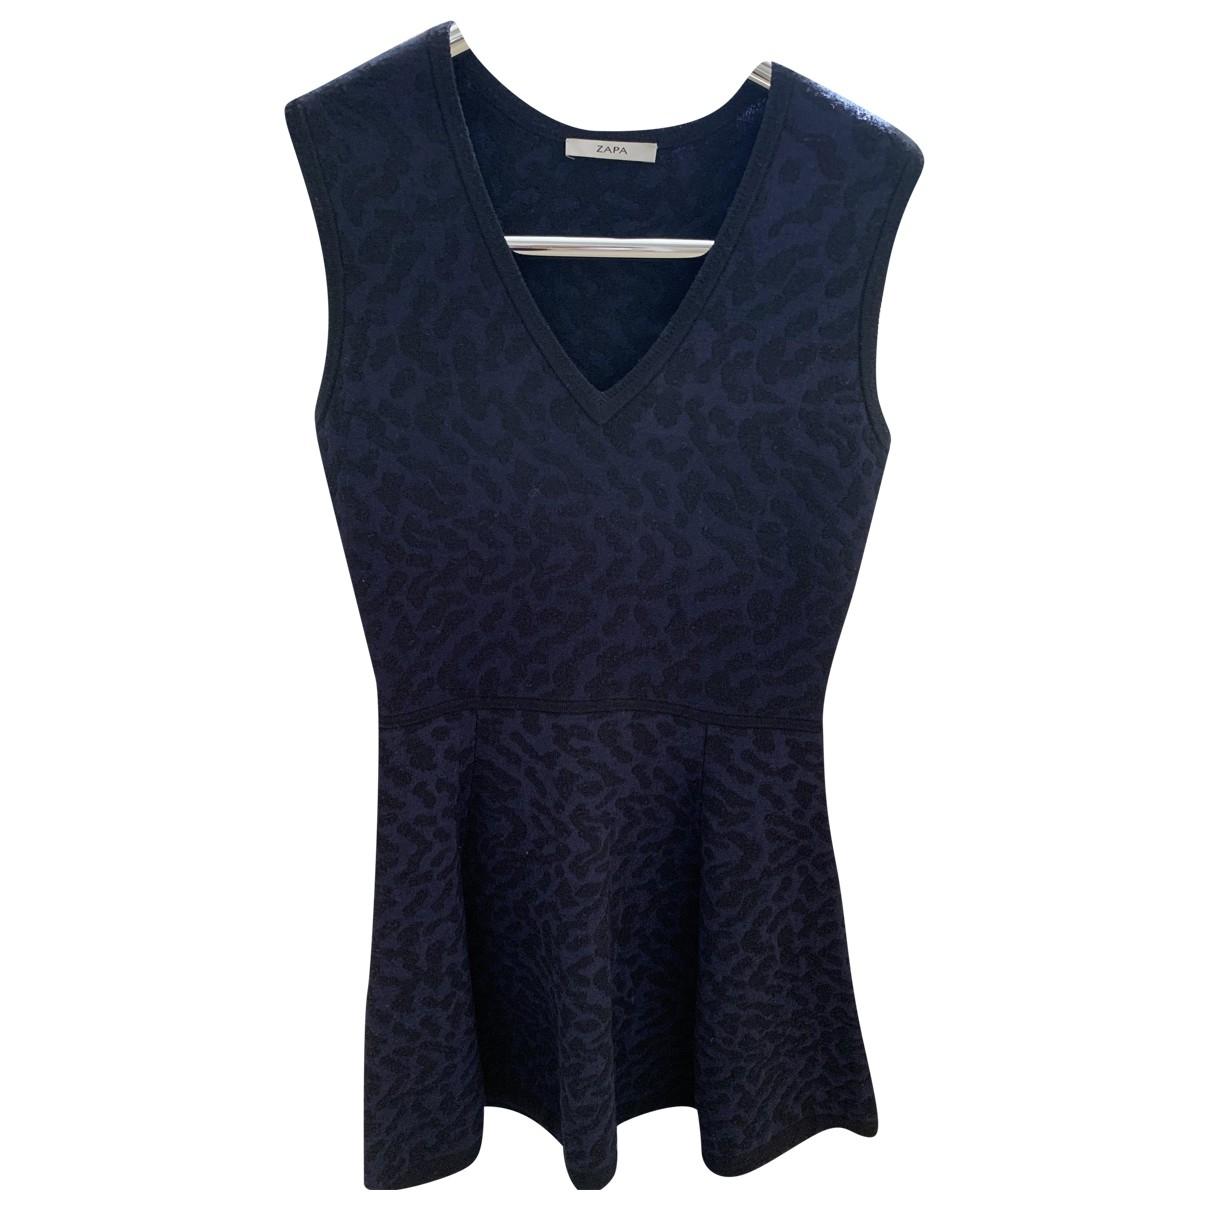 Zapa - Robe   pour femme en laine - noir